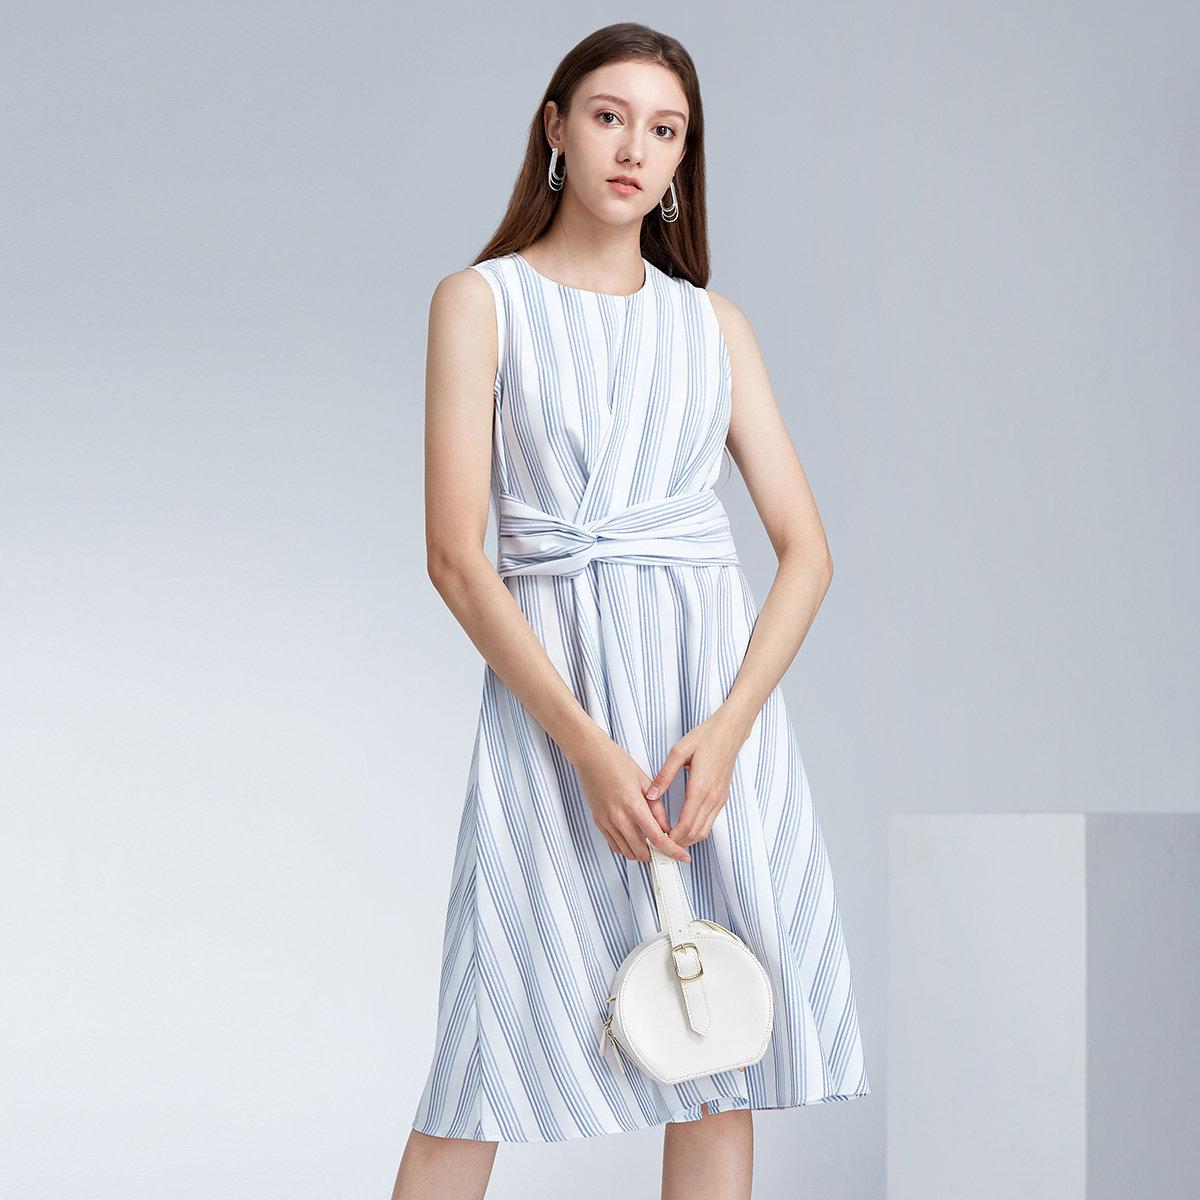 WOMEN'S STRIPED DRESS(blue/white)